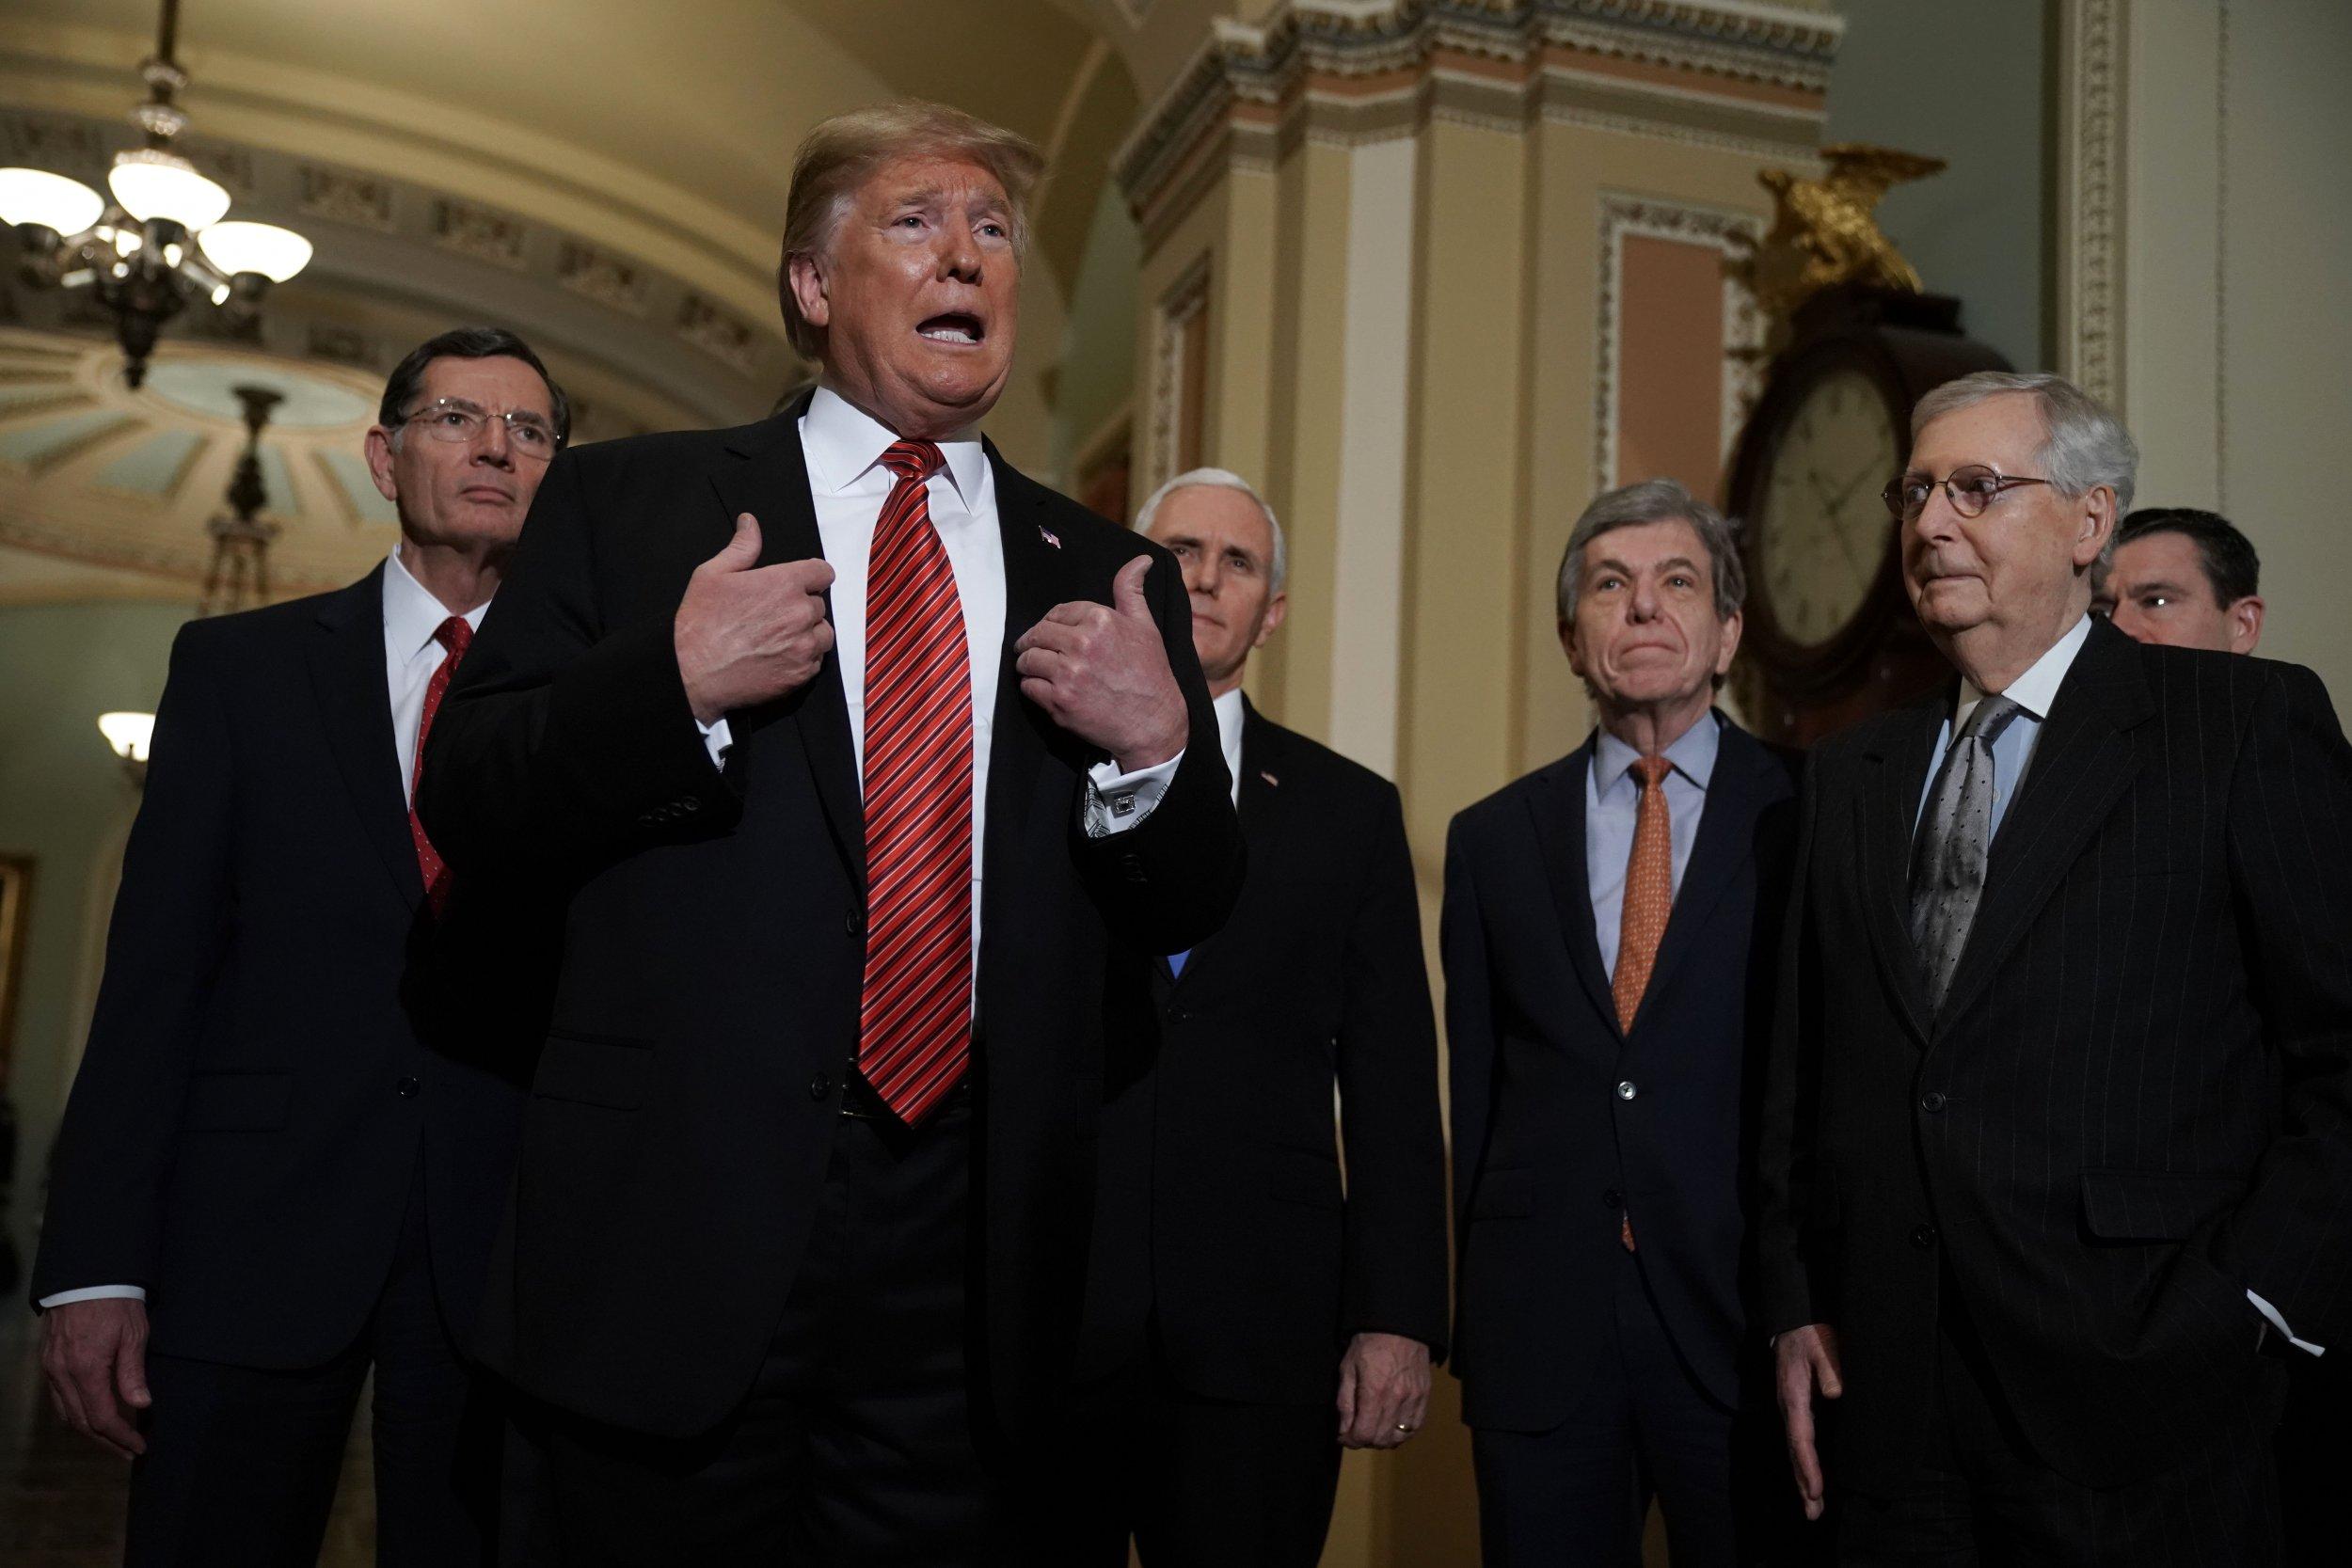 trump women republicans 41 percent